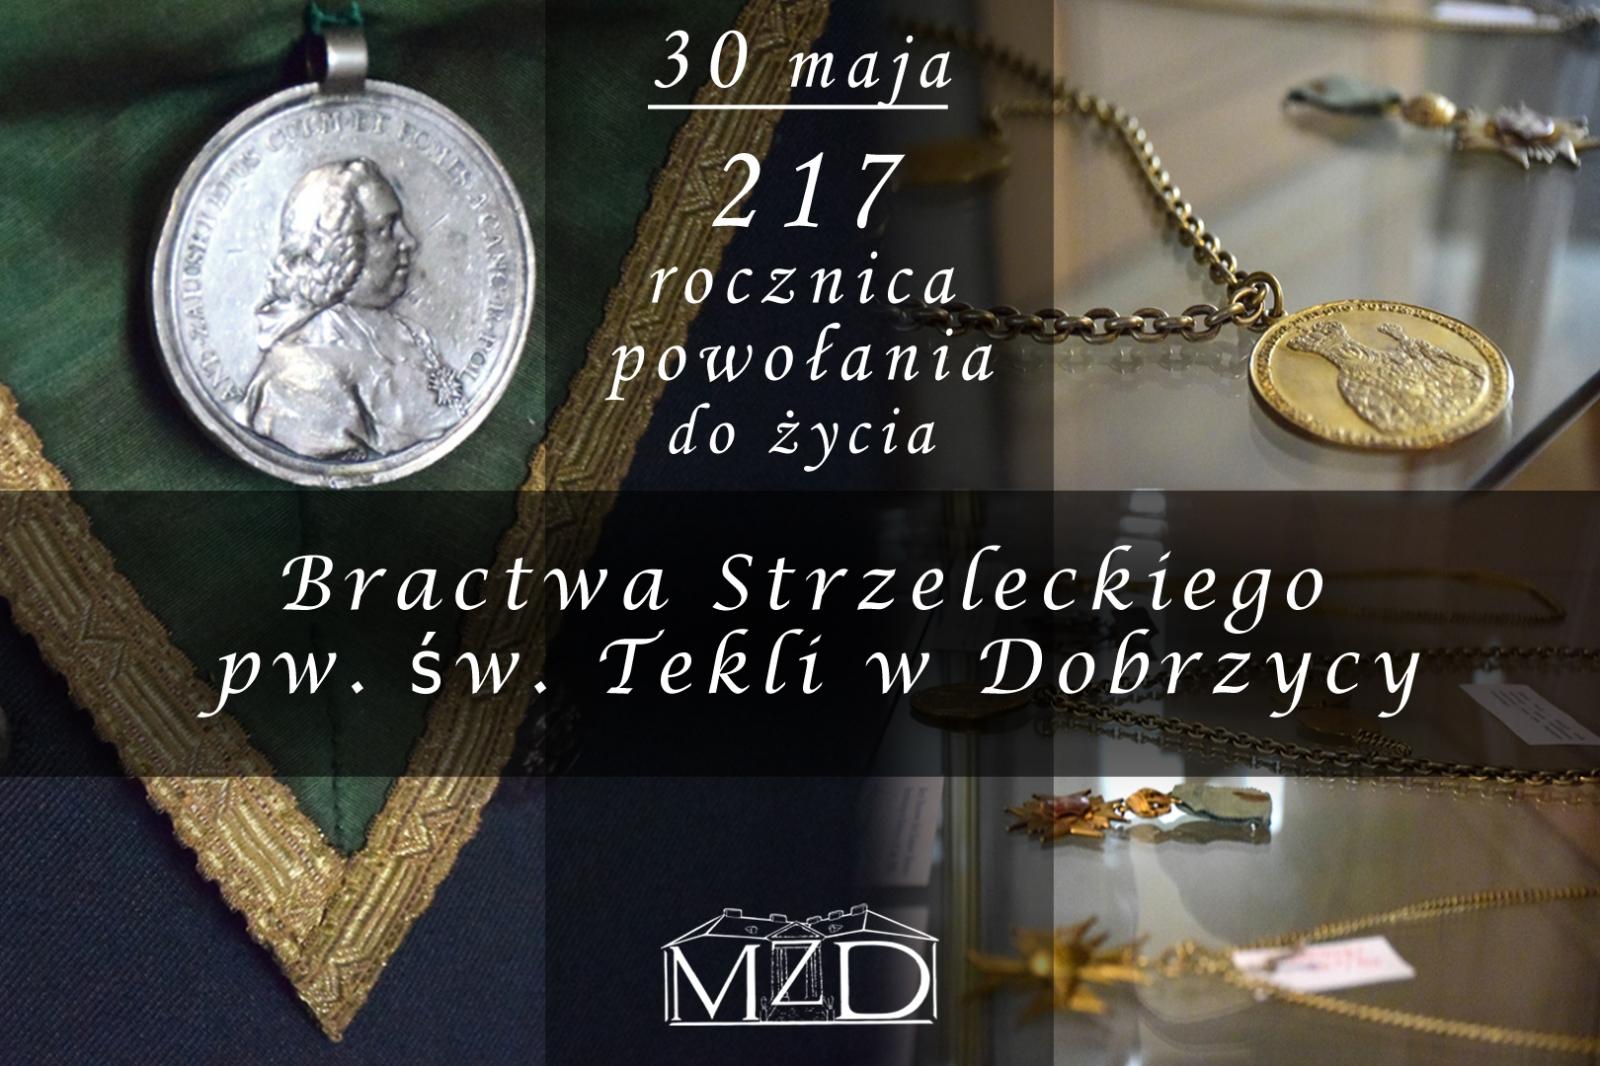 217 ROCZNICA POWOŁANIA DO ŻYCIA BRACTWA STRZELECKIEGO W DOBRZYCY